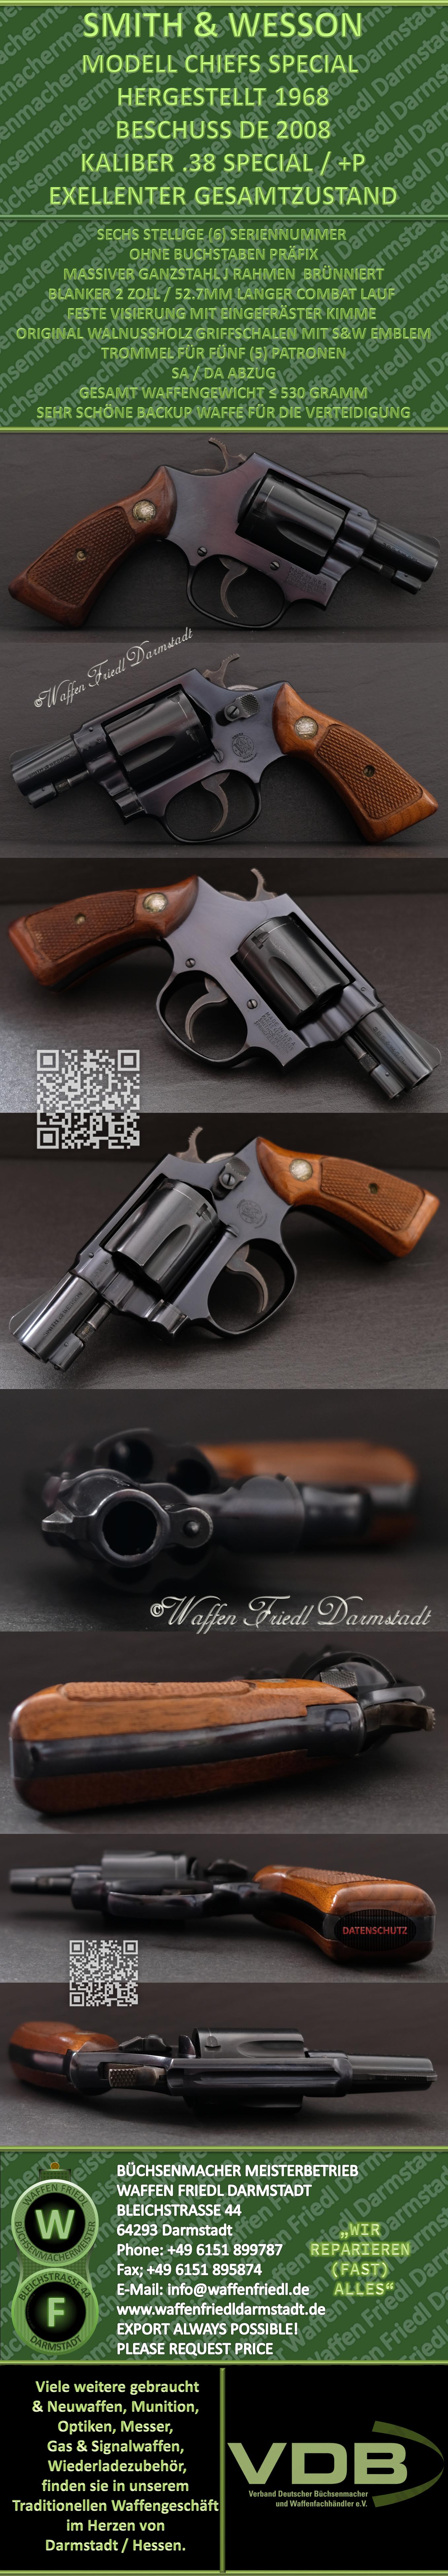 """Smith&Wesson (1968) Chiefs Special 2"""" Lauf - Kaliber .38 Special - Brünniert - Exelenter Gsamtzustand"""